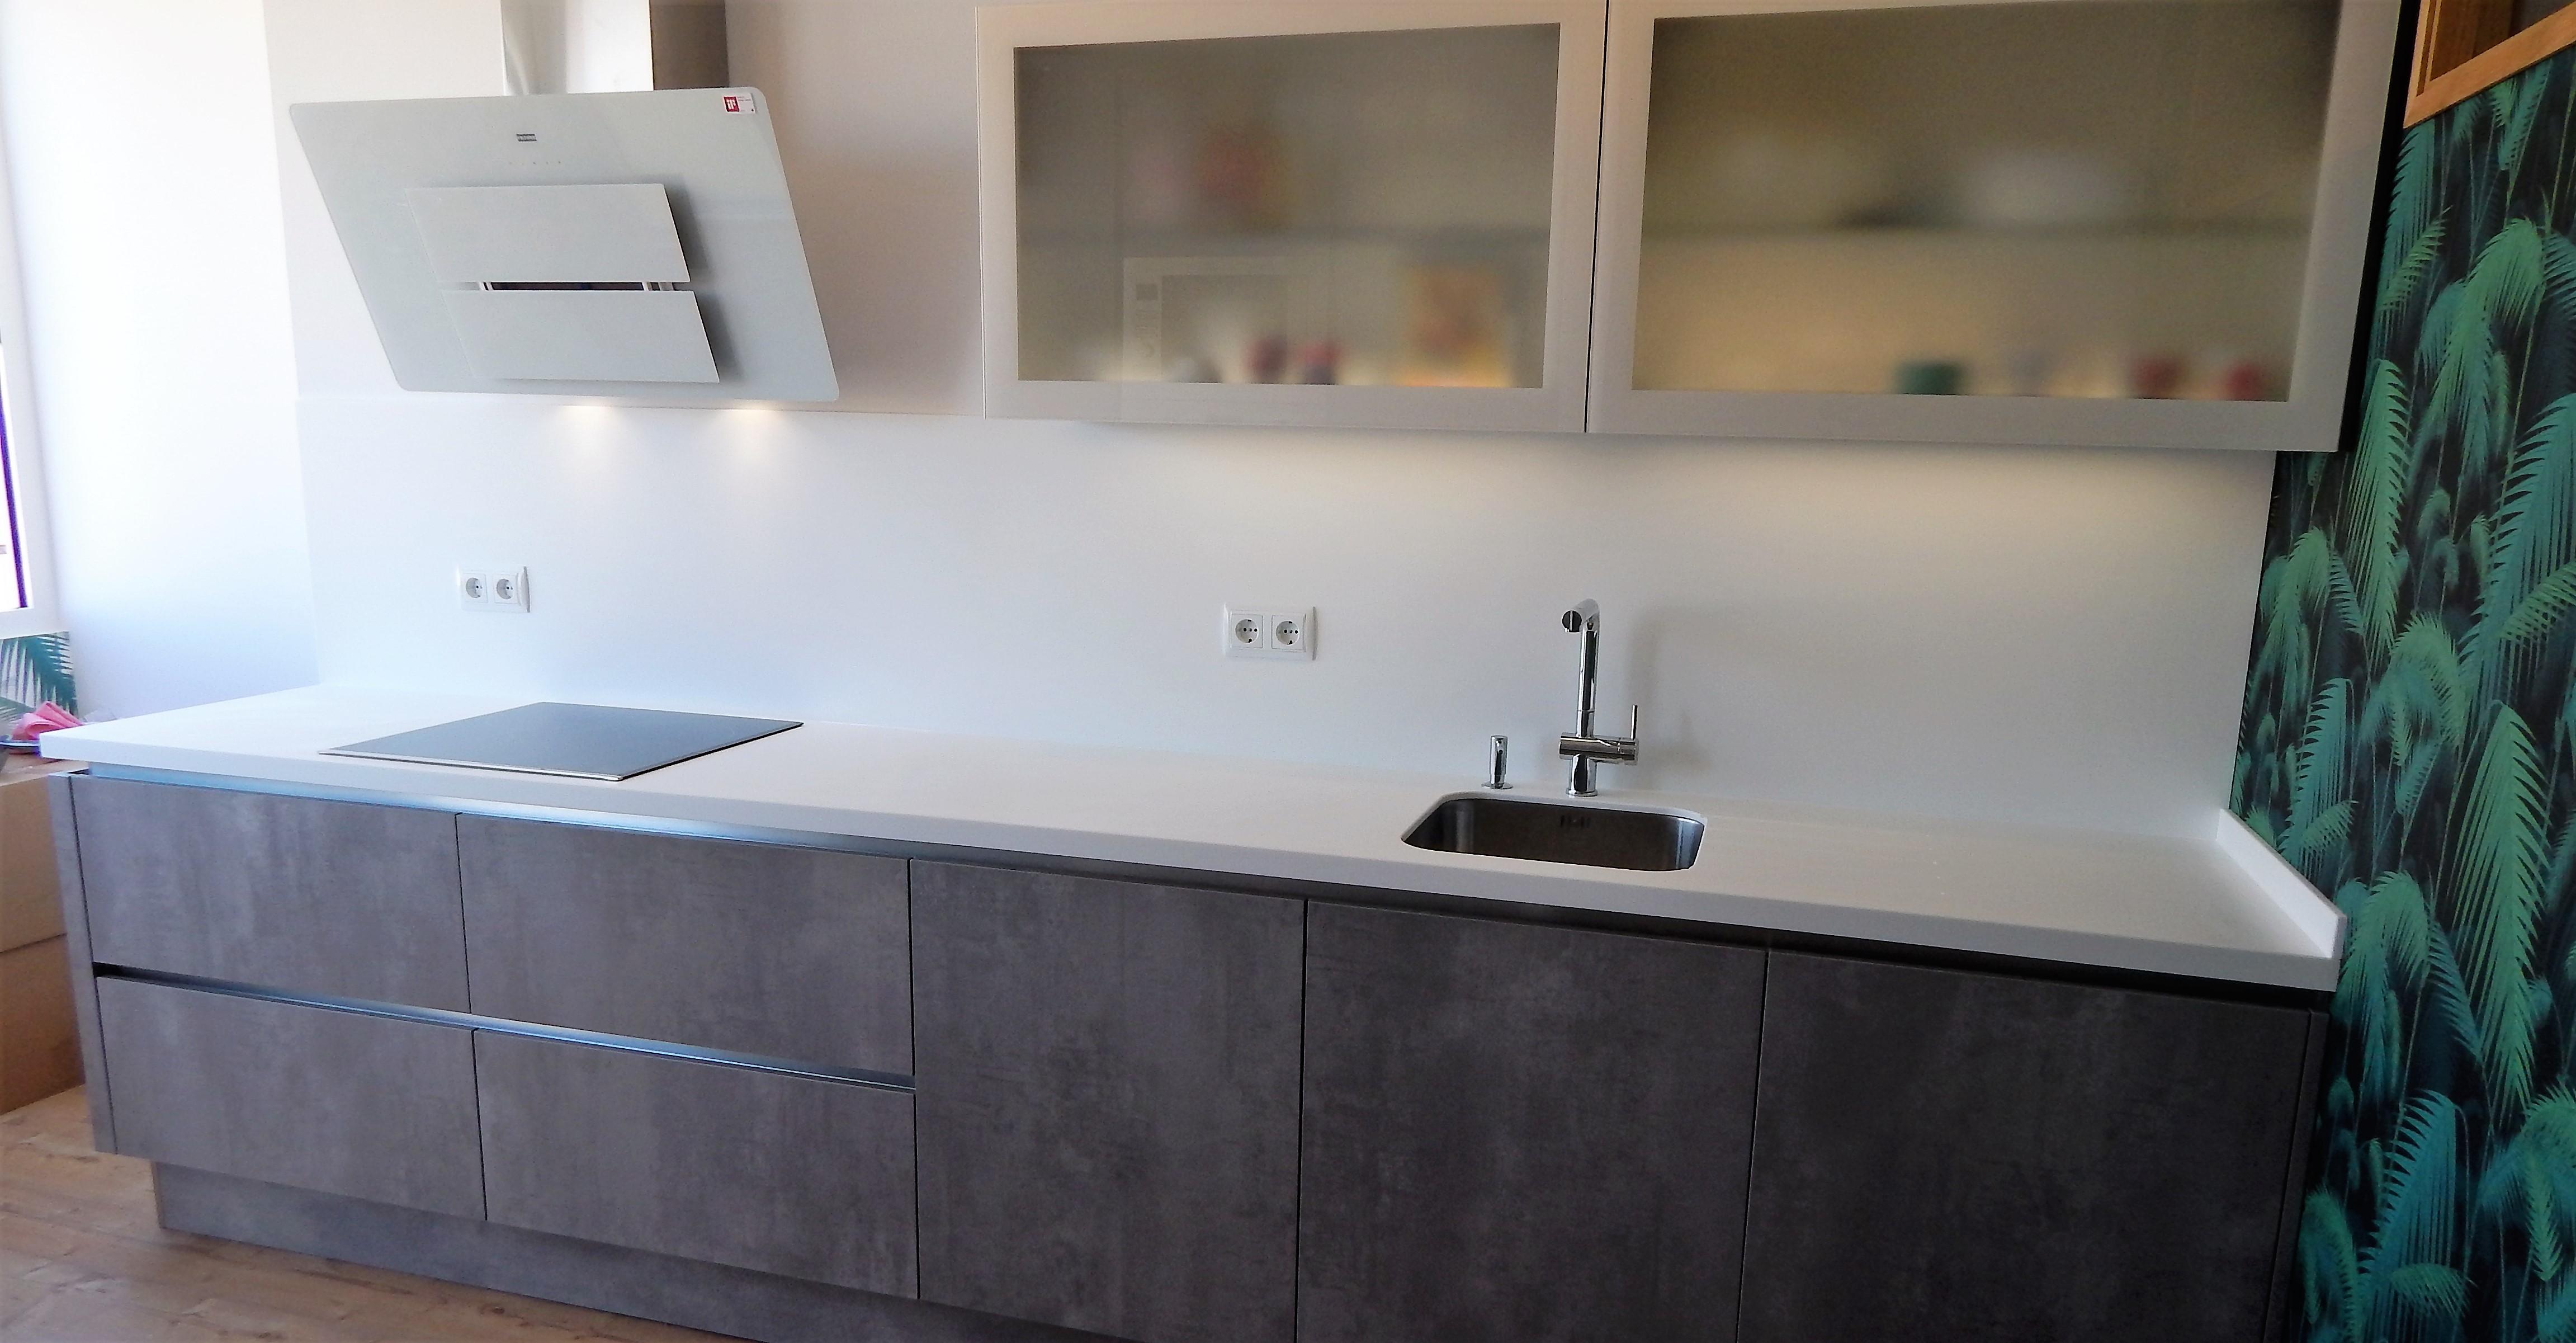 Muebles de cocina comet gris perla for Muebles de cocina gris